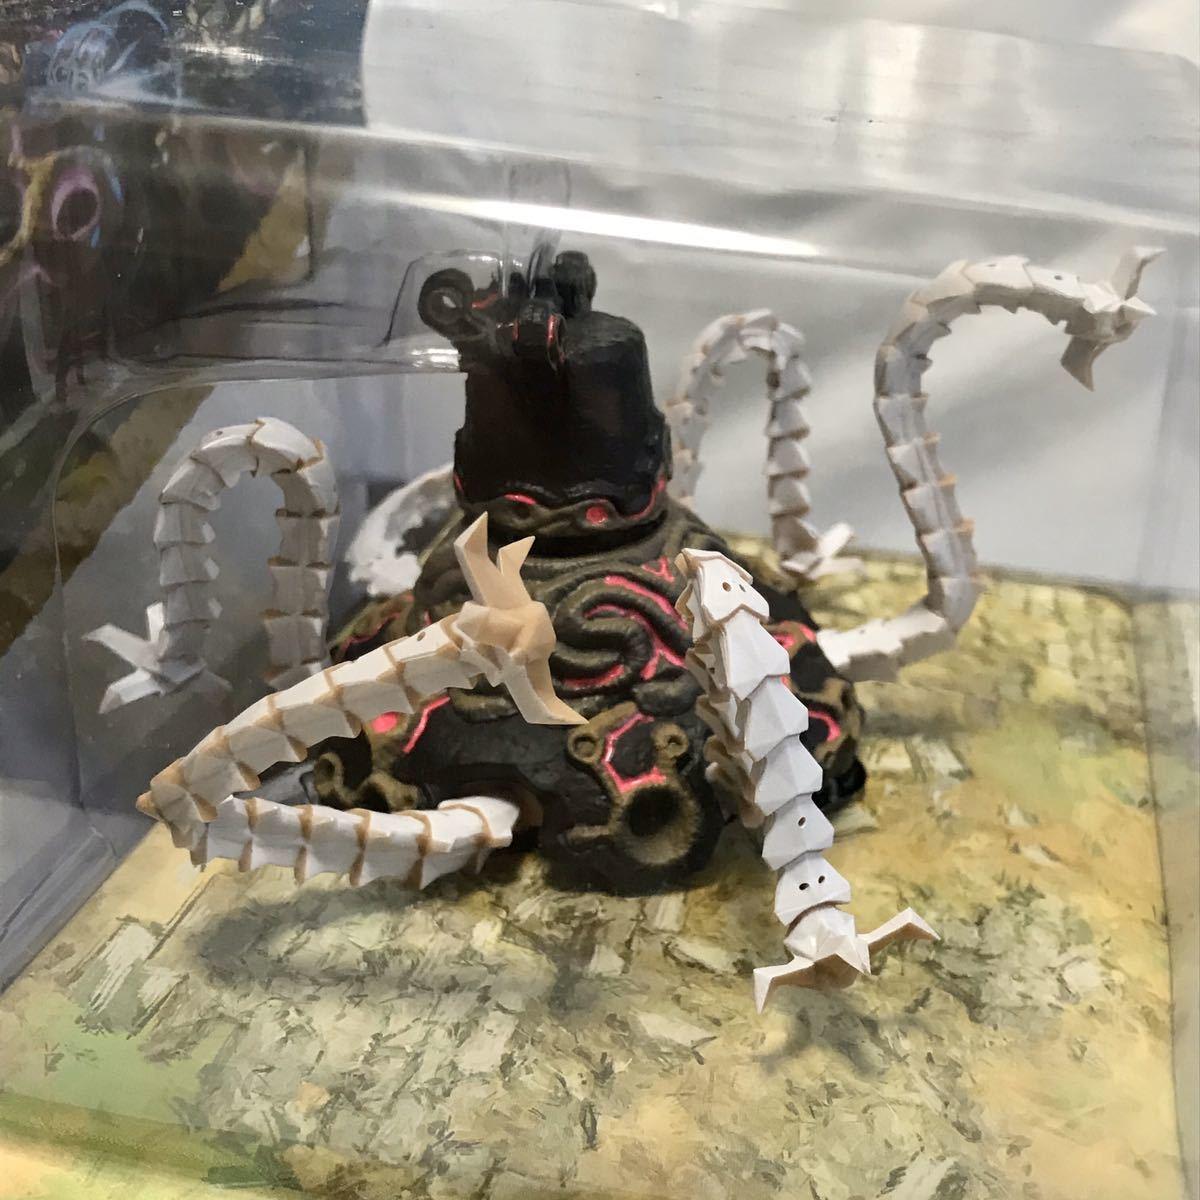 《 新品未使用 》 amiibo ガーディアン ブレス オブ ザ ワイルド ゼルダの伝説 任天堂 《 送料無料 》